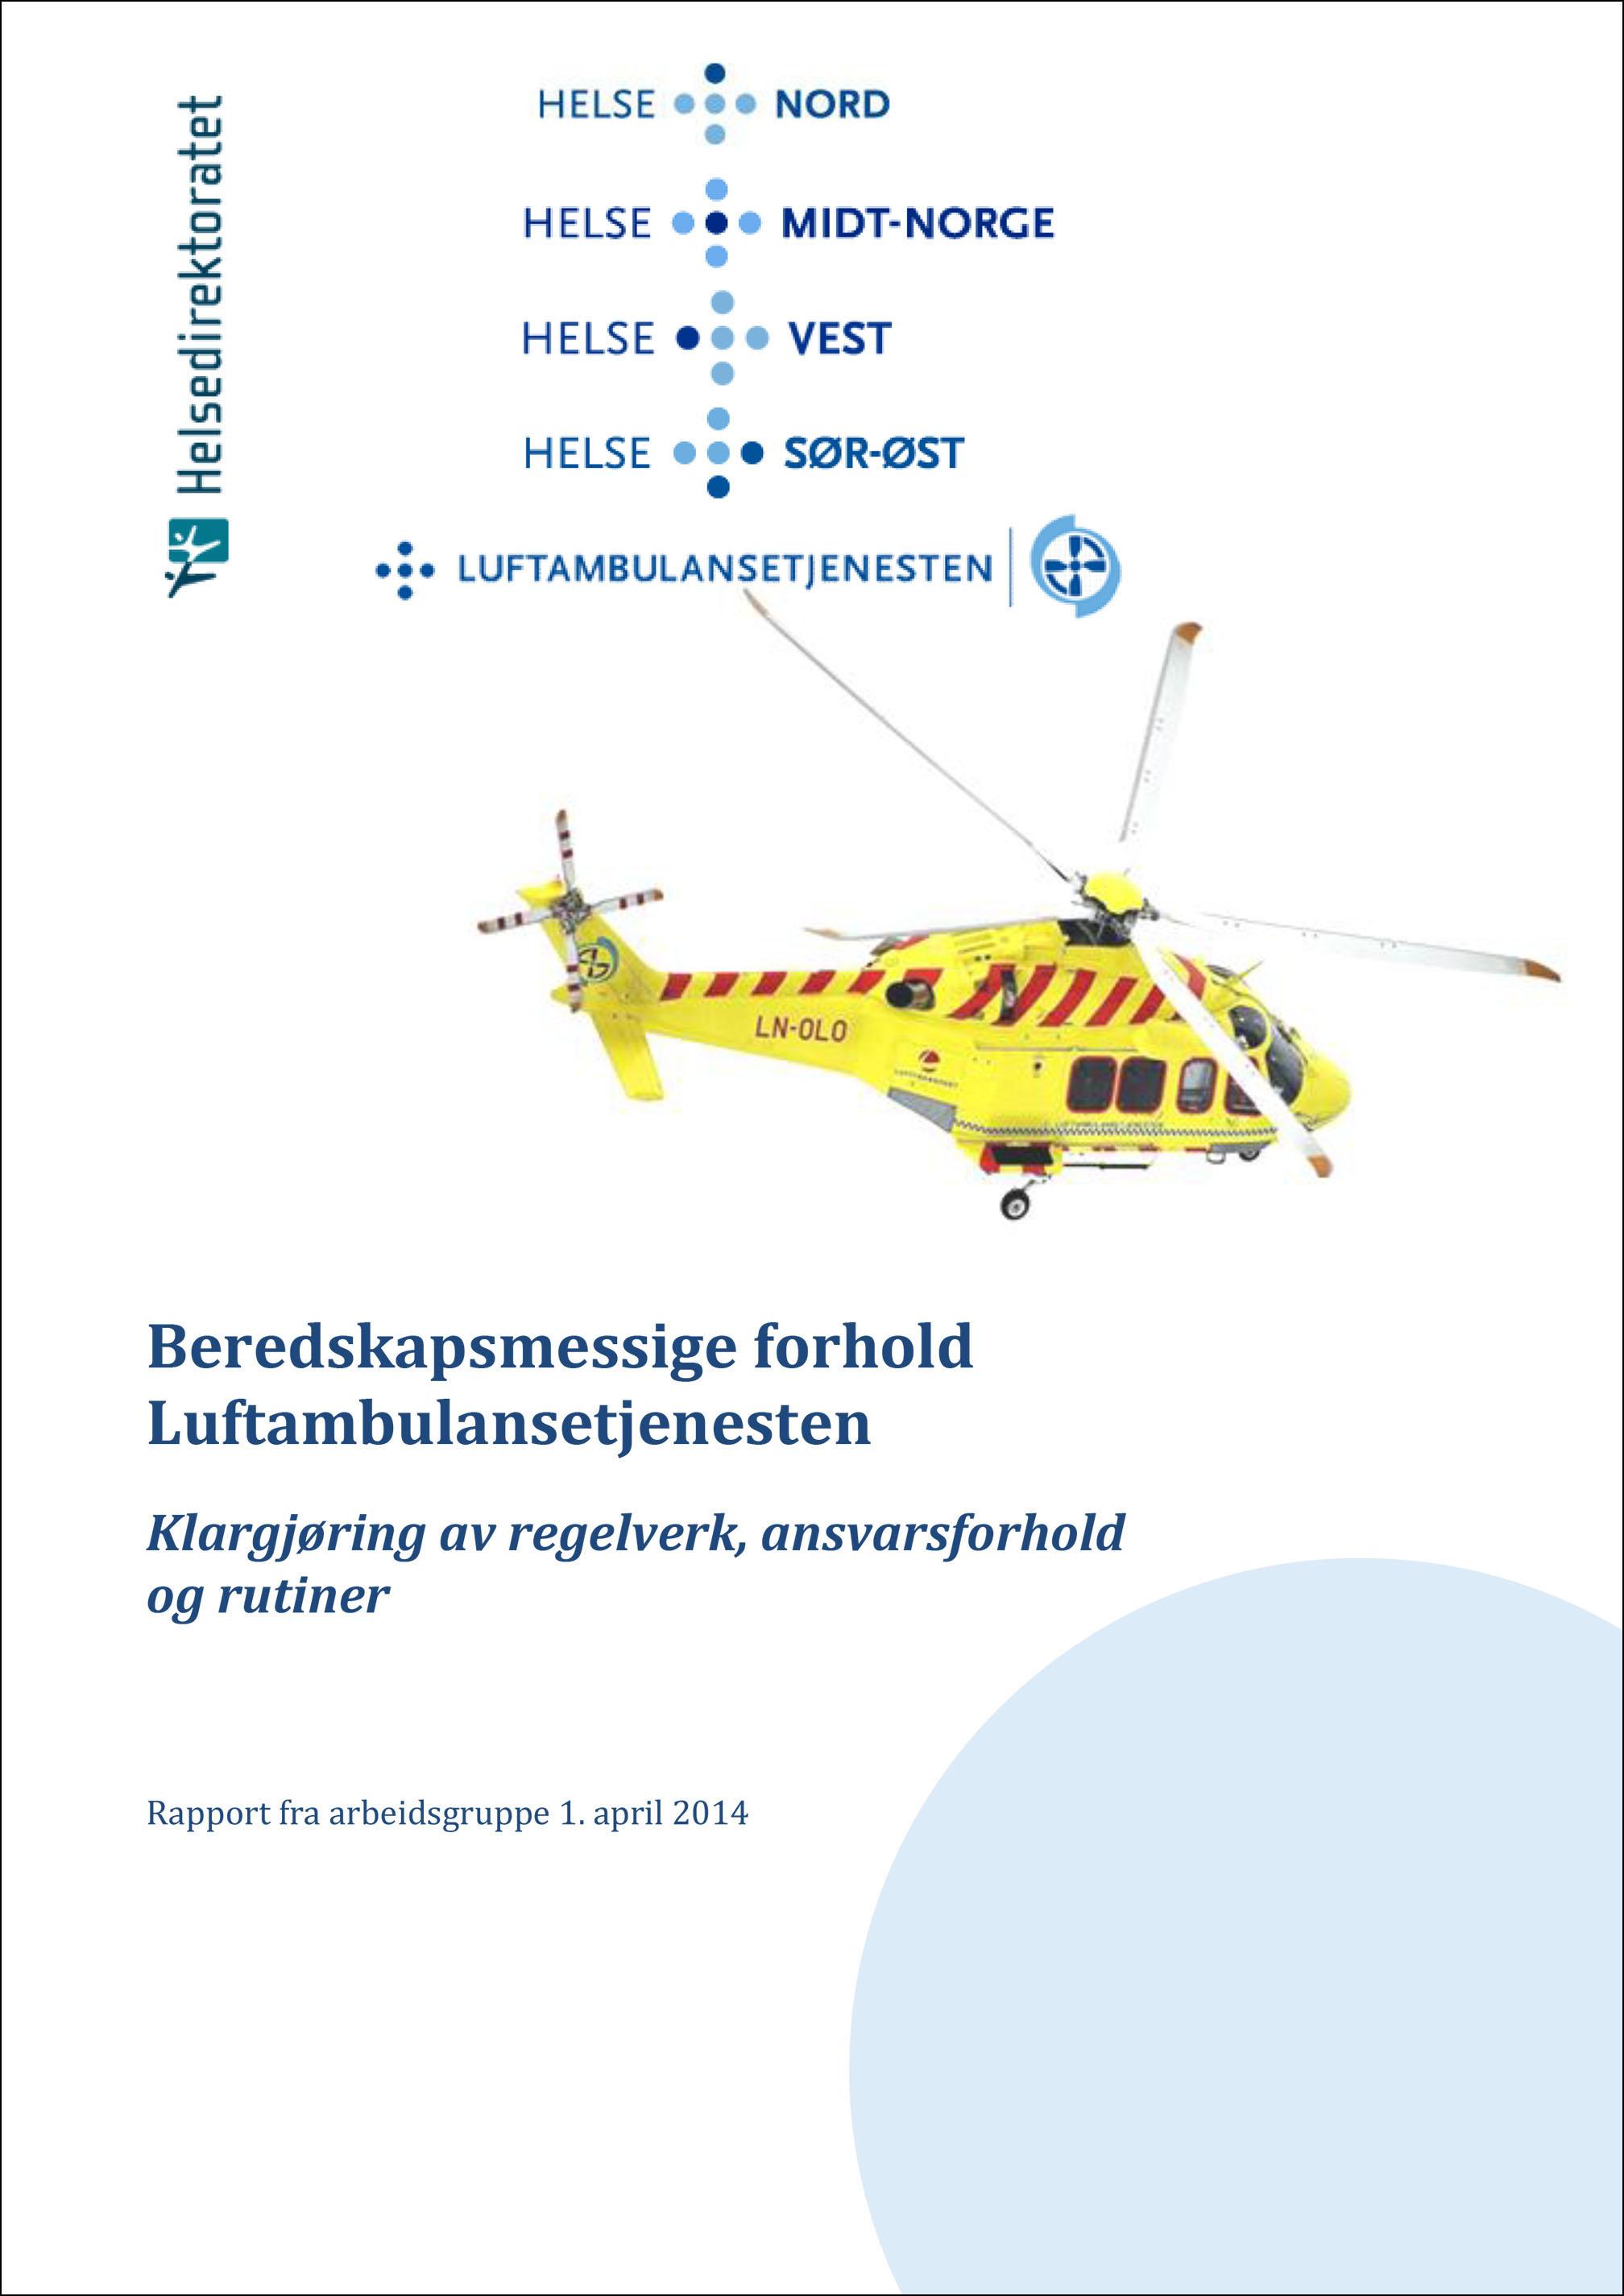 Bilde av forside på rapport